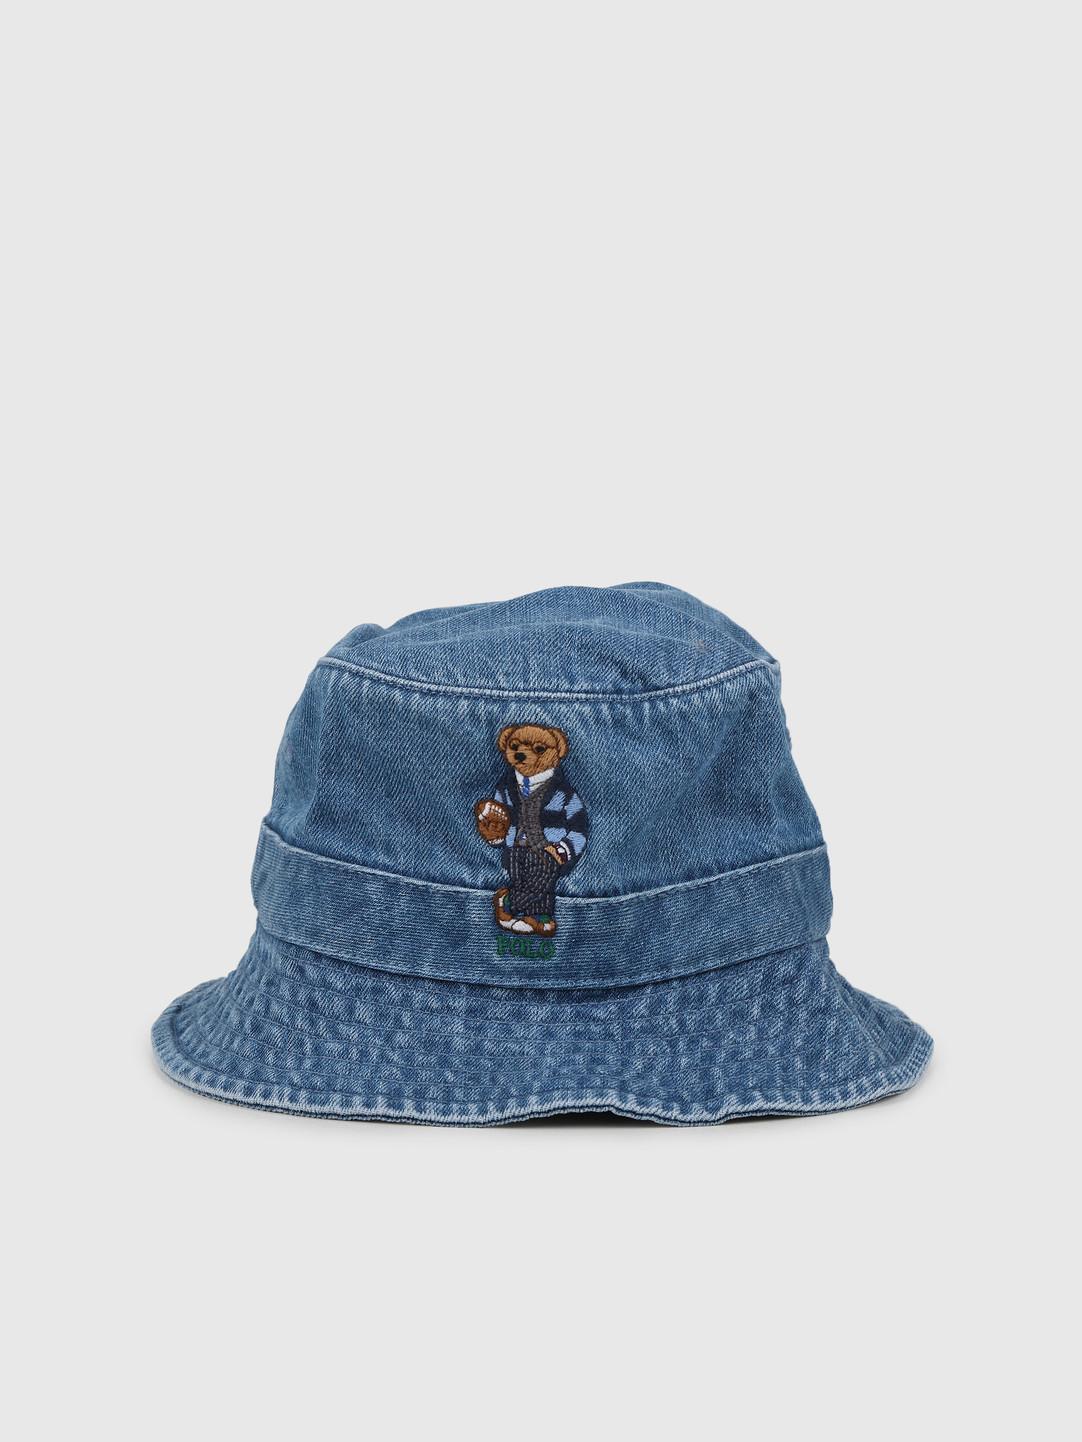 Polo Ralph Lauren Polo Ralph Lauren Loft Bucket Hat Blue 710780291001